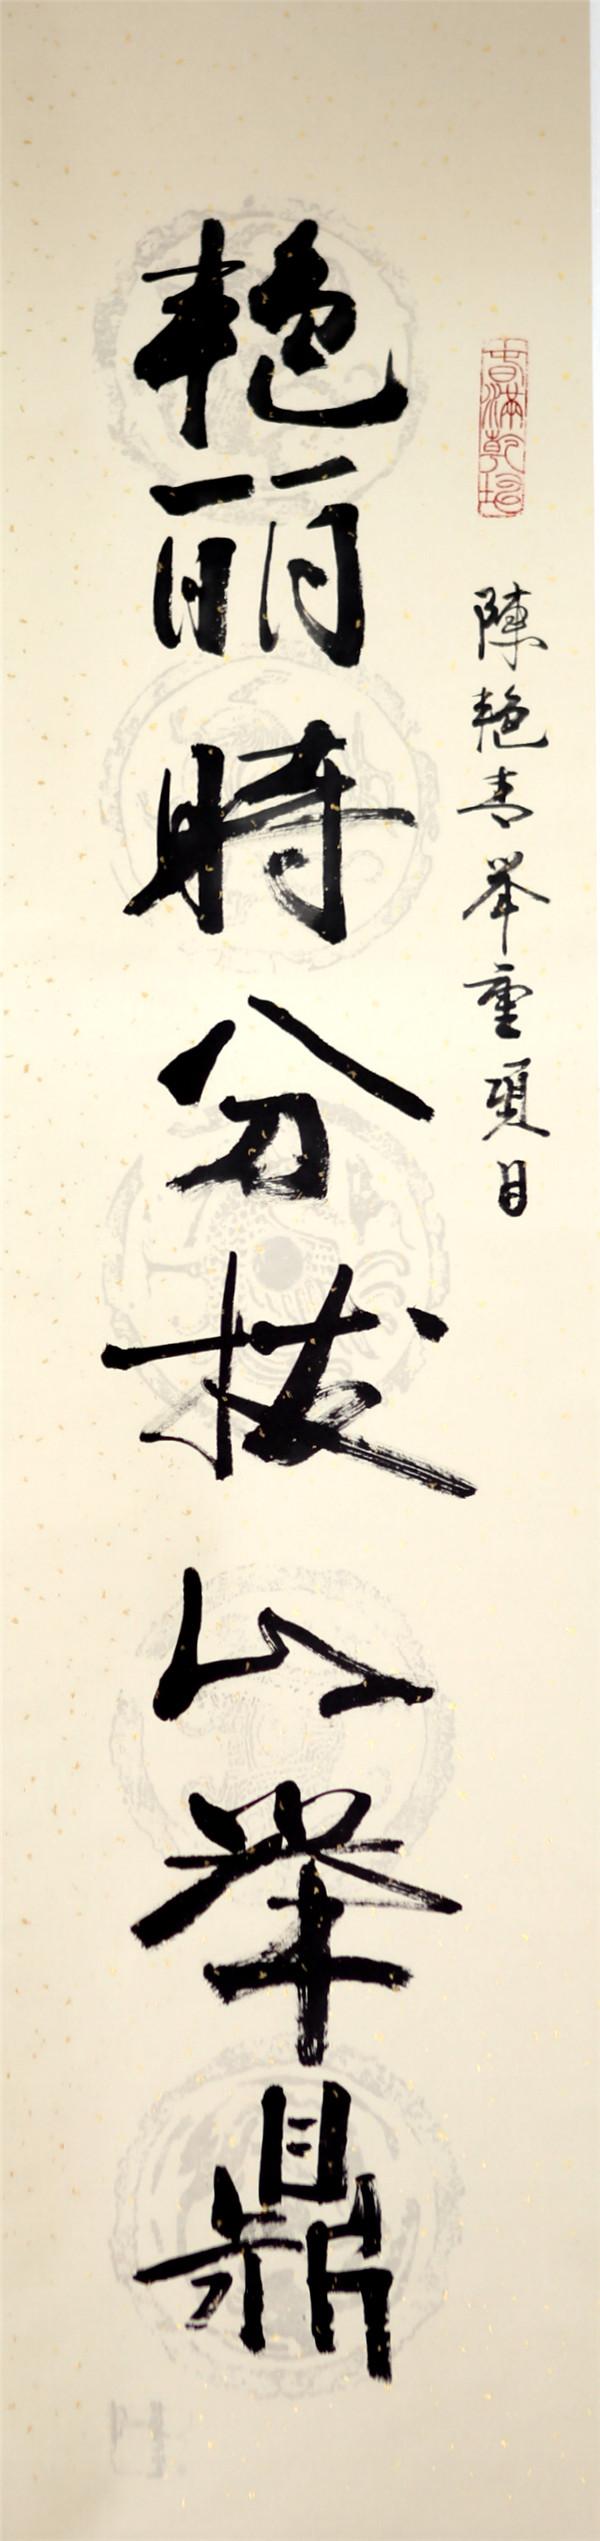 序号363,书录汤洁为江苏奥运冠军陈艳青嵌名联